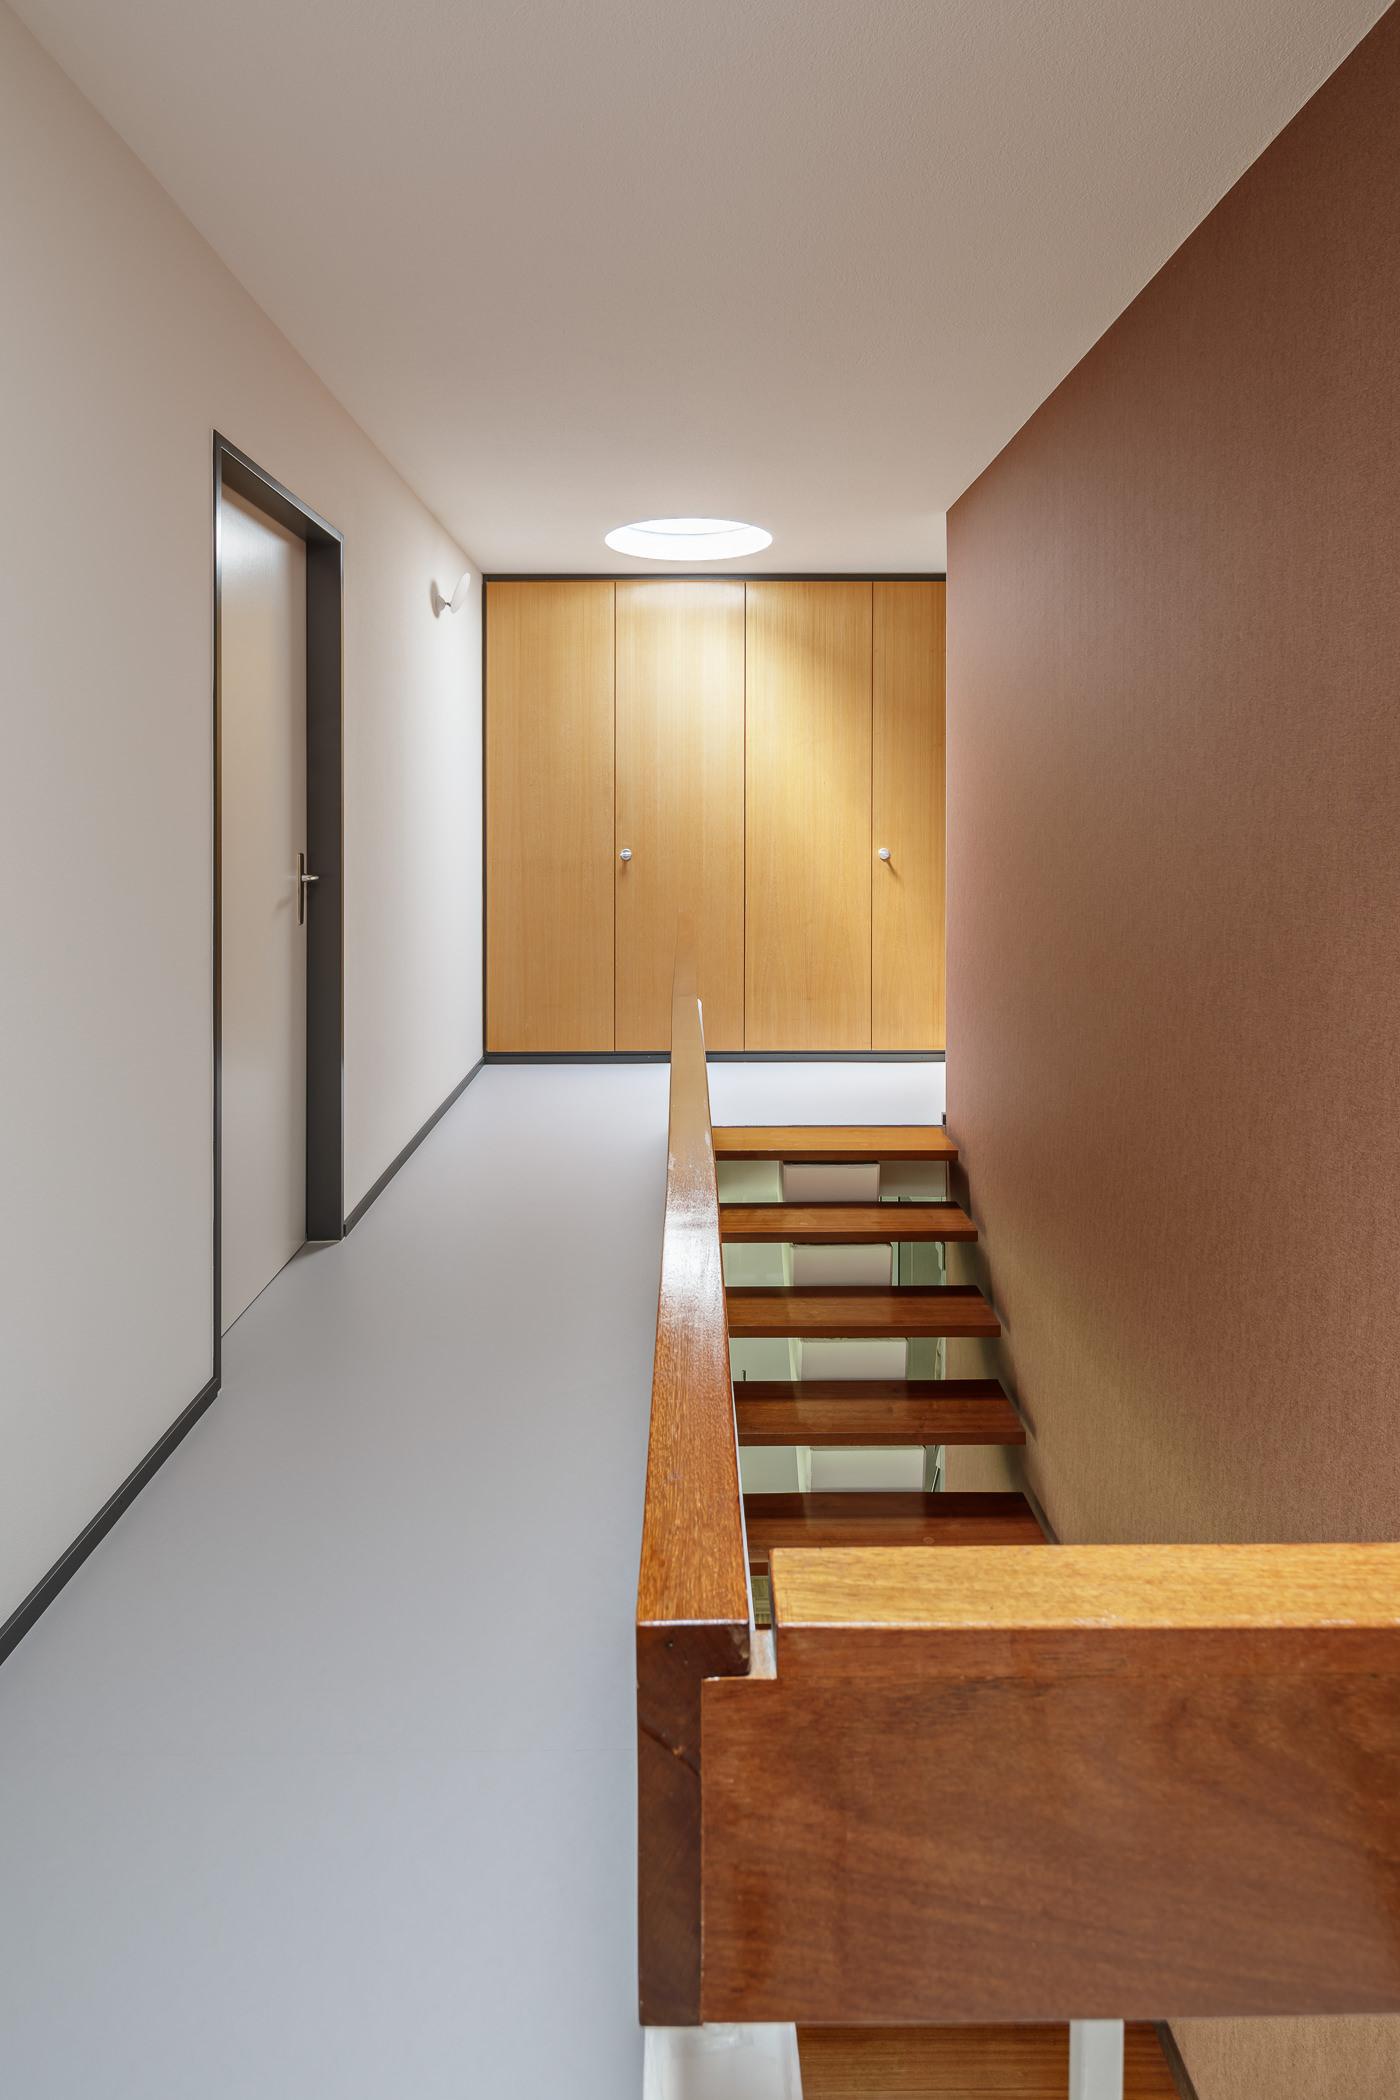 buan-architekten-umbau waldstrasse-luzern-foto-gang-2